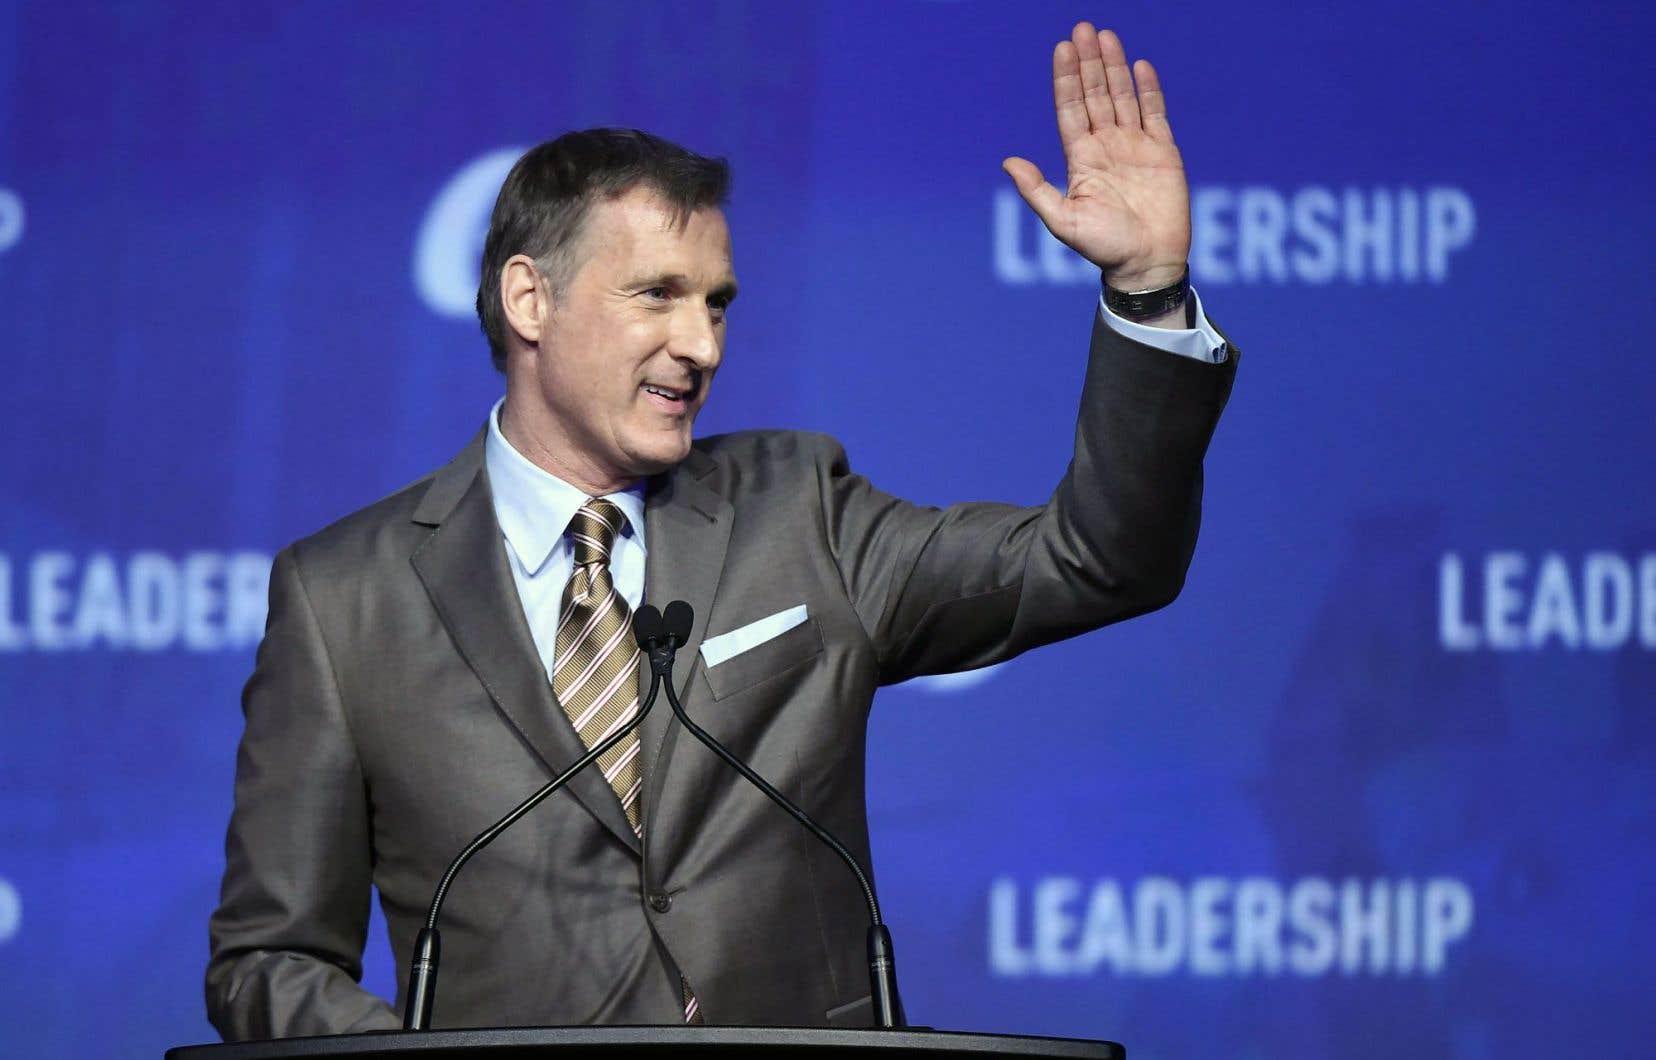 Maxime Bernier, comme les autres candidats à la direction du Parti conservateur du Canada, a prononcé son dernier discours vendredi soir avant le vote des militants qui a lieu ce samedi.